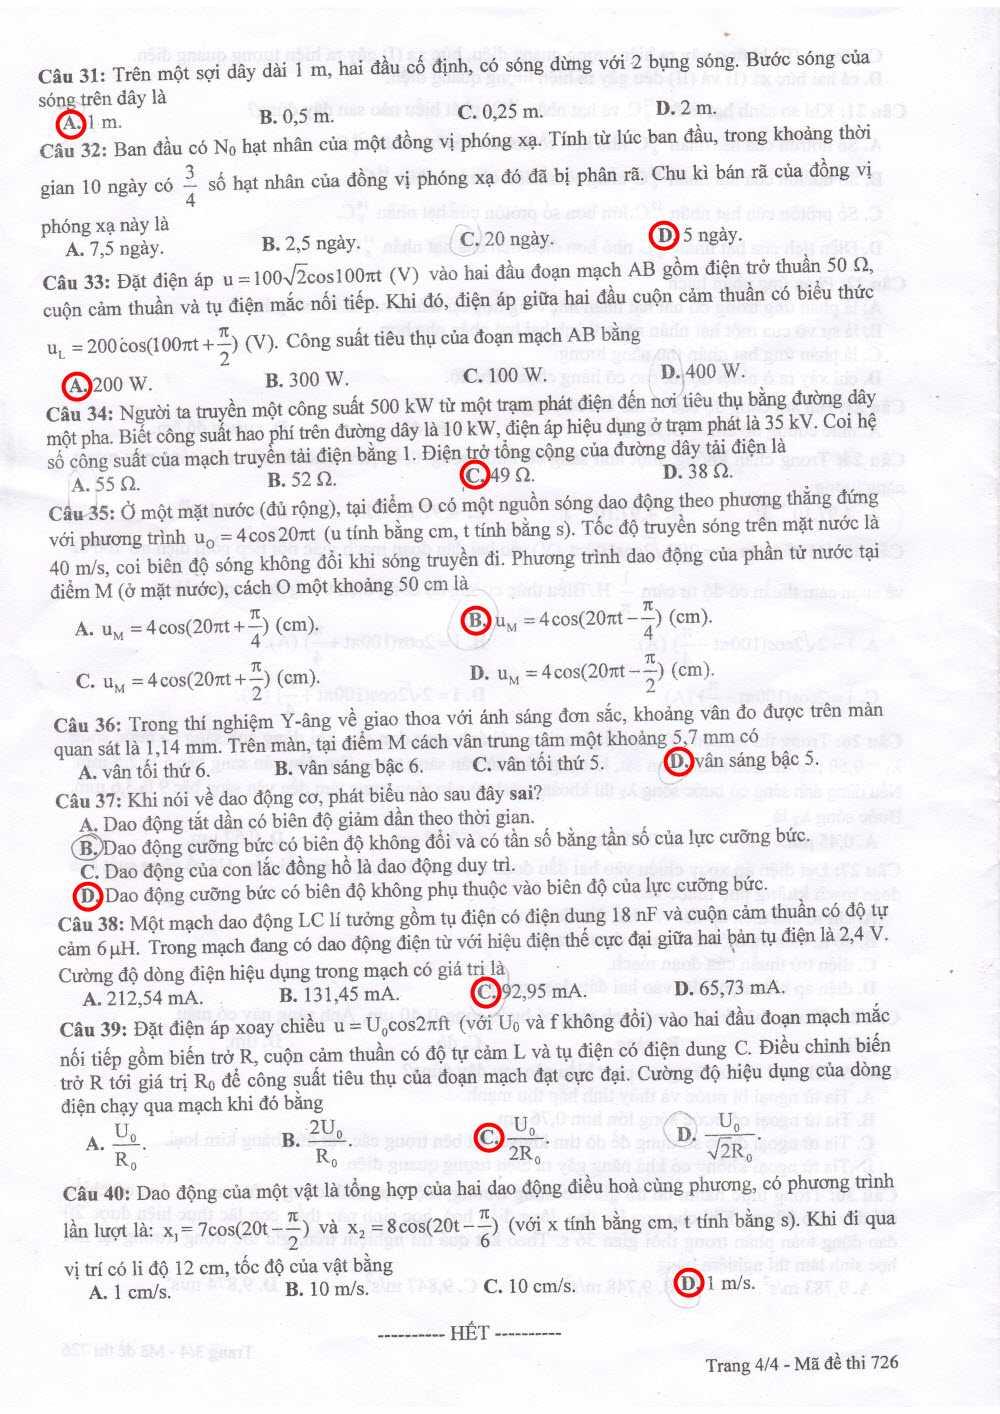 đáp án thi vật lý